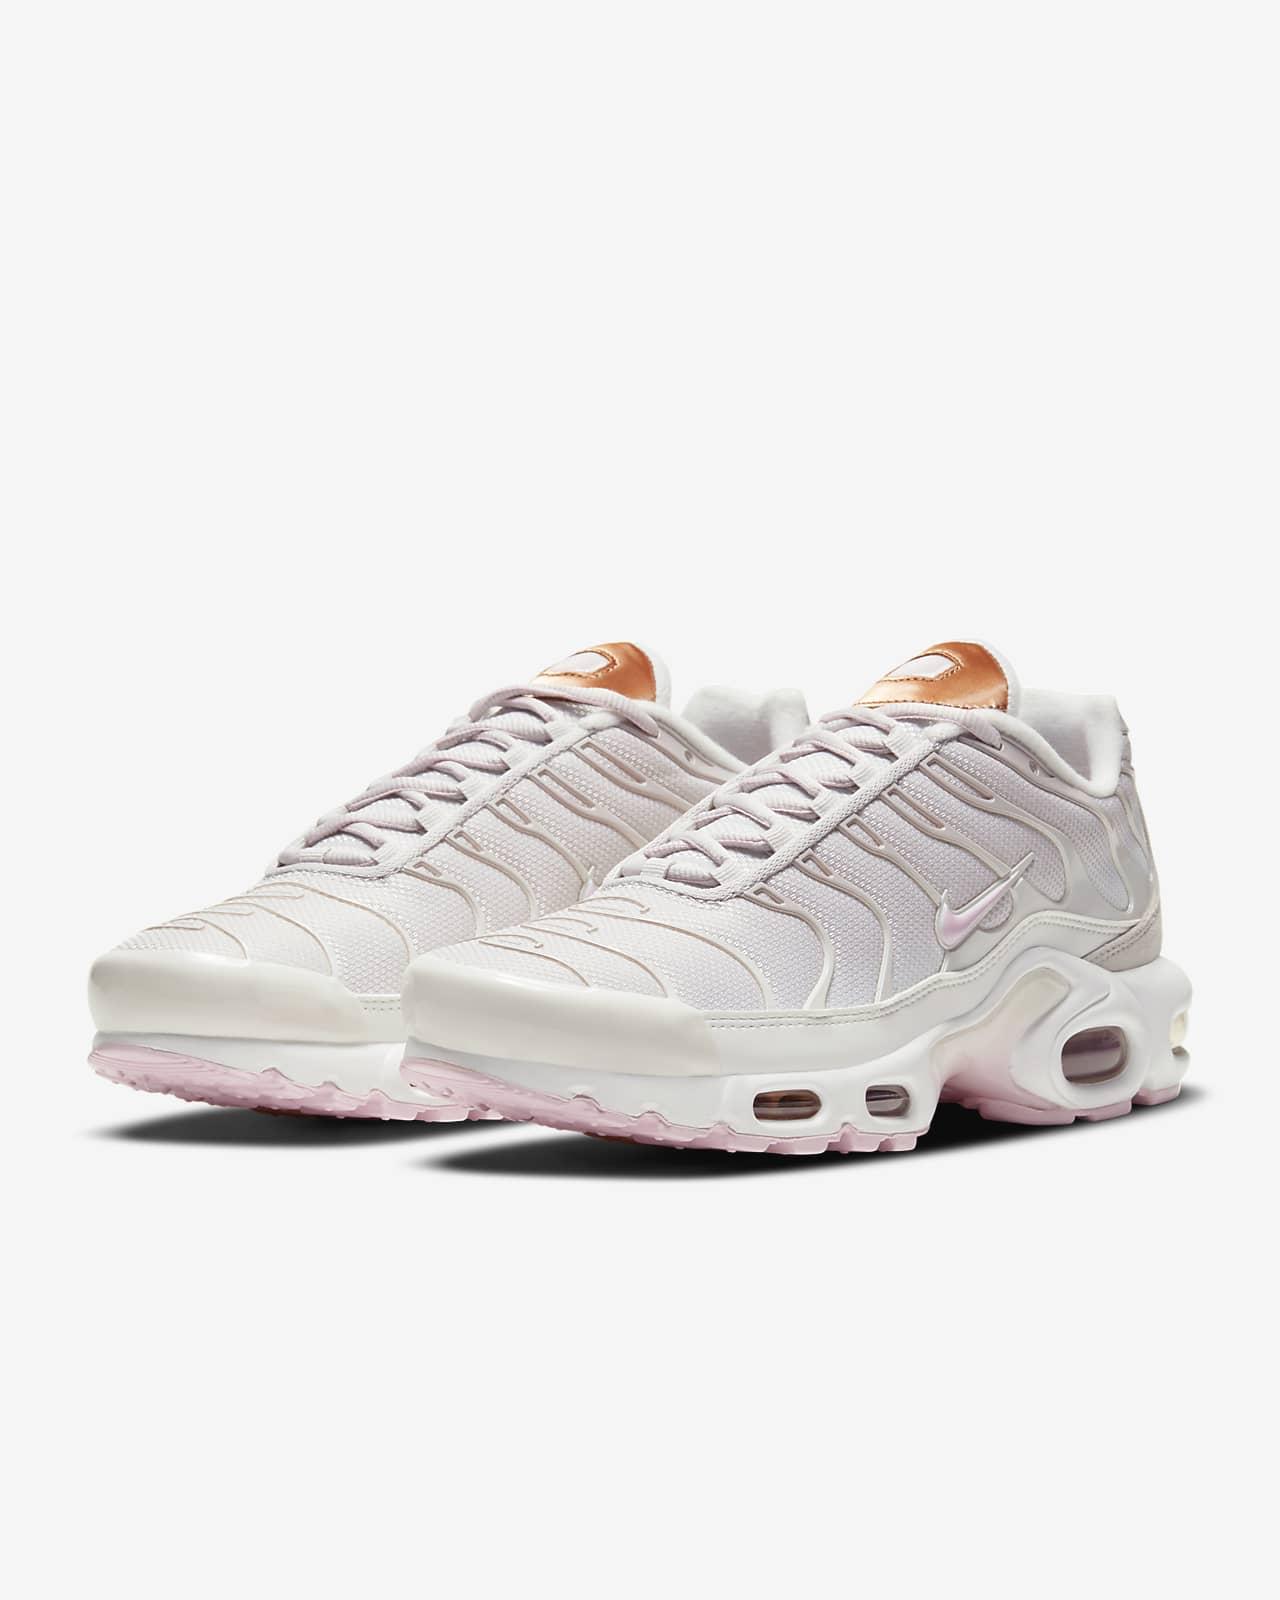 scarpe nike air max plus donna